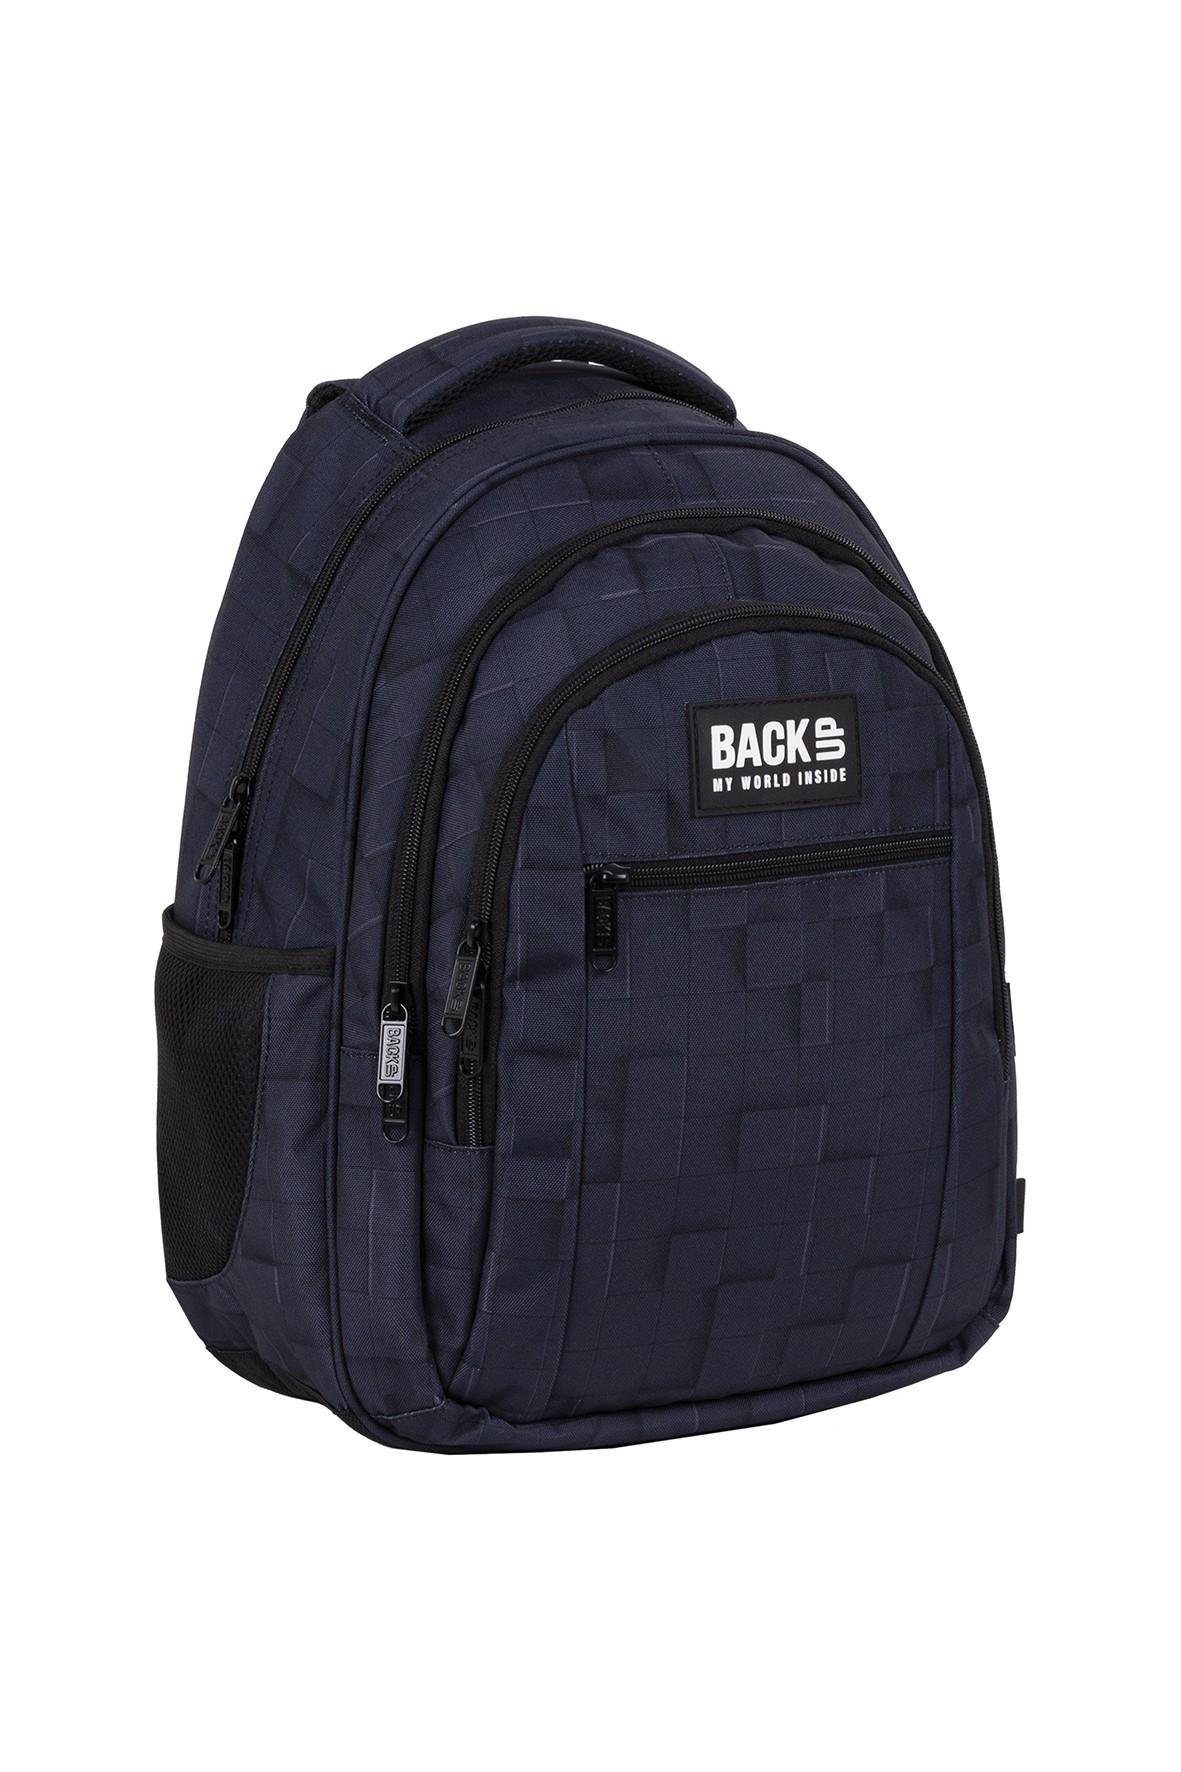 Plecak BackUp chłopięcy granatowy 3D